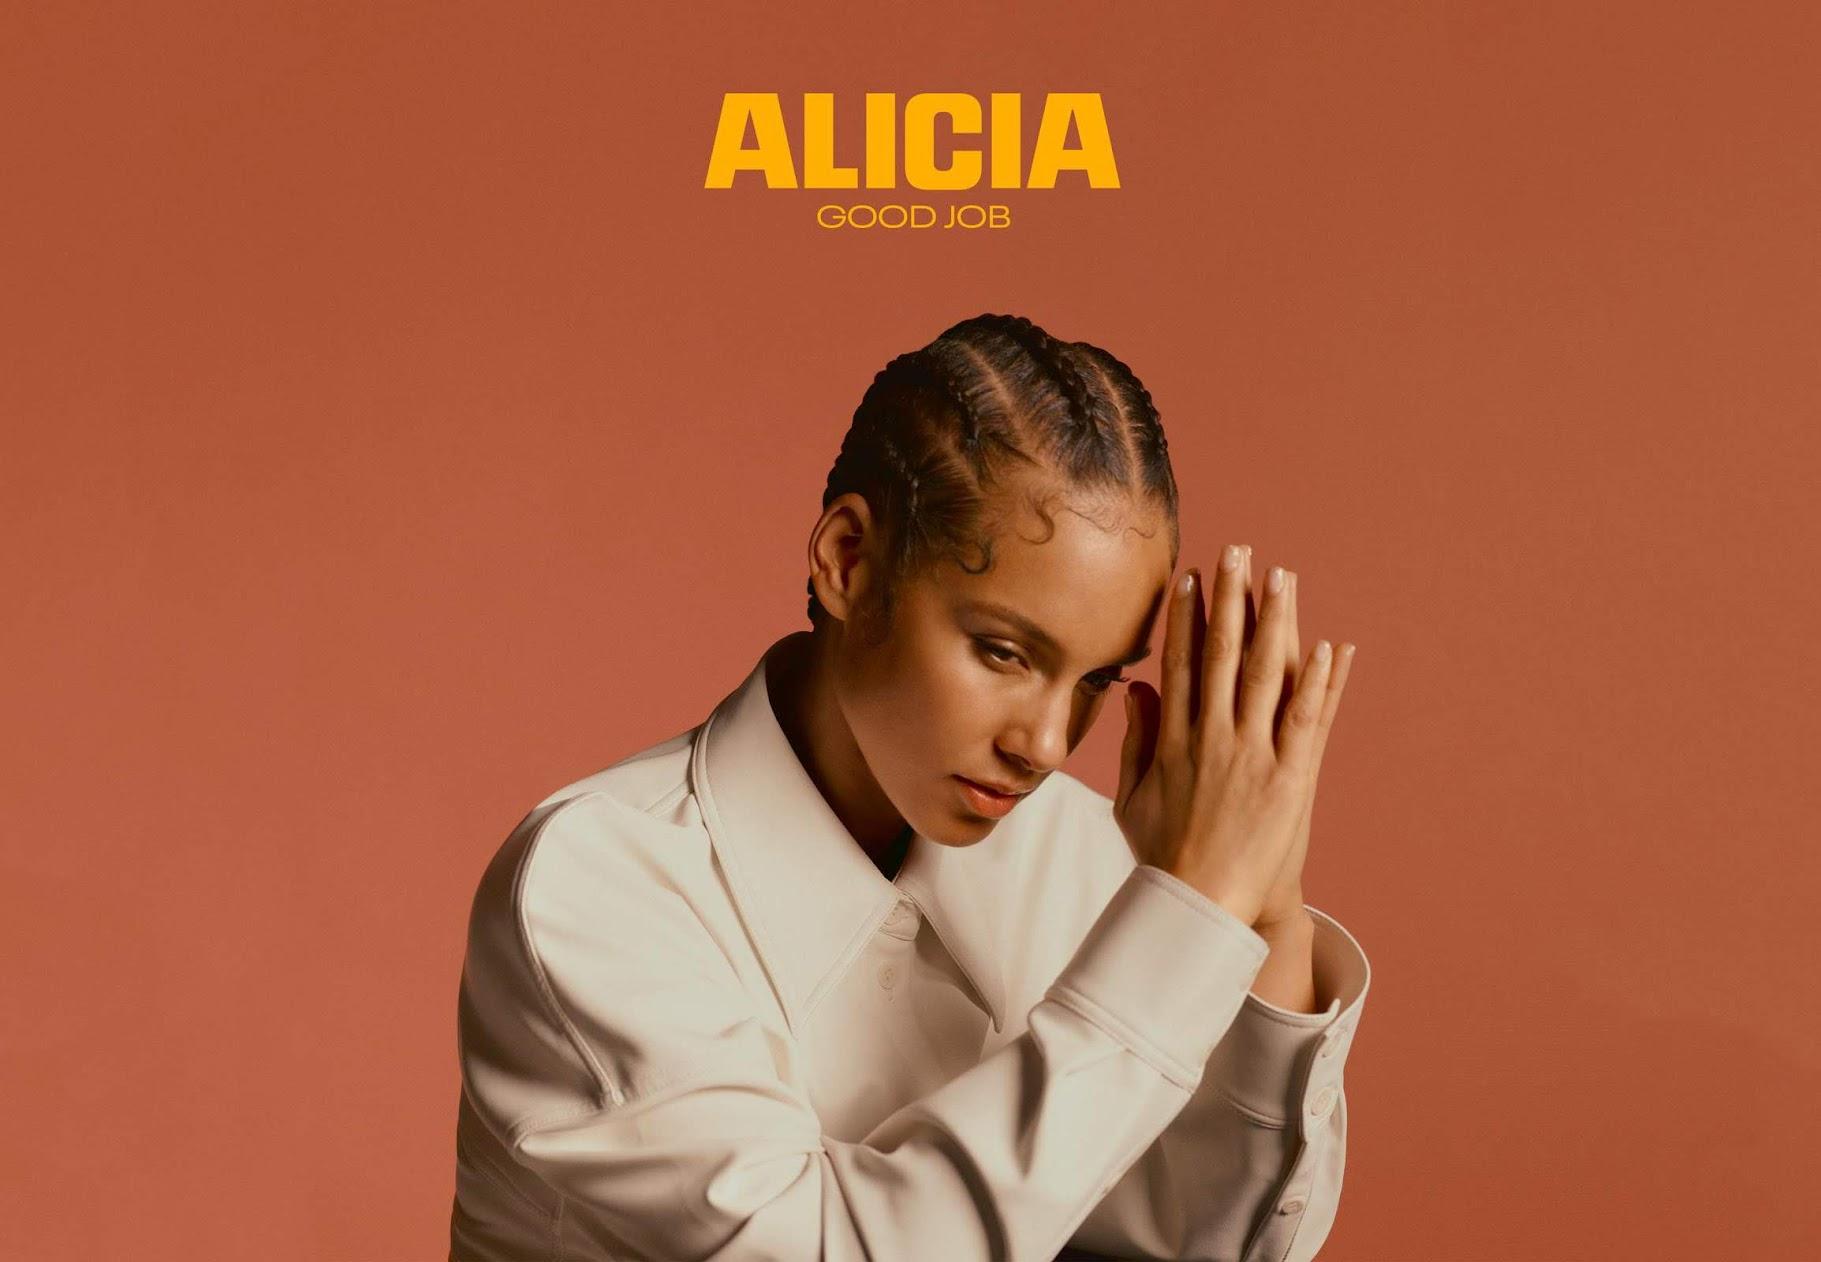 艾莉西亞凱斯 ( Alicia Keys )防疫金曲〈Good Job〉溫暖鼓舞人心